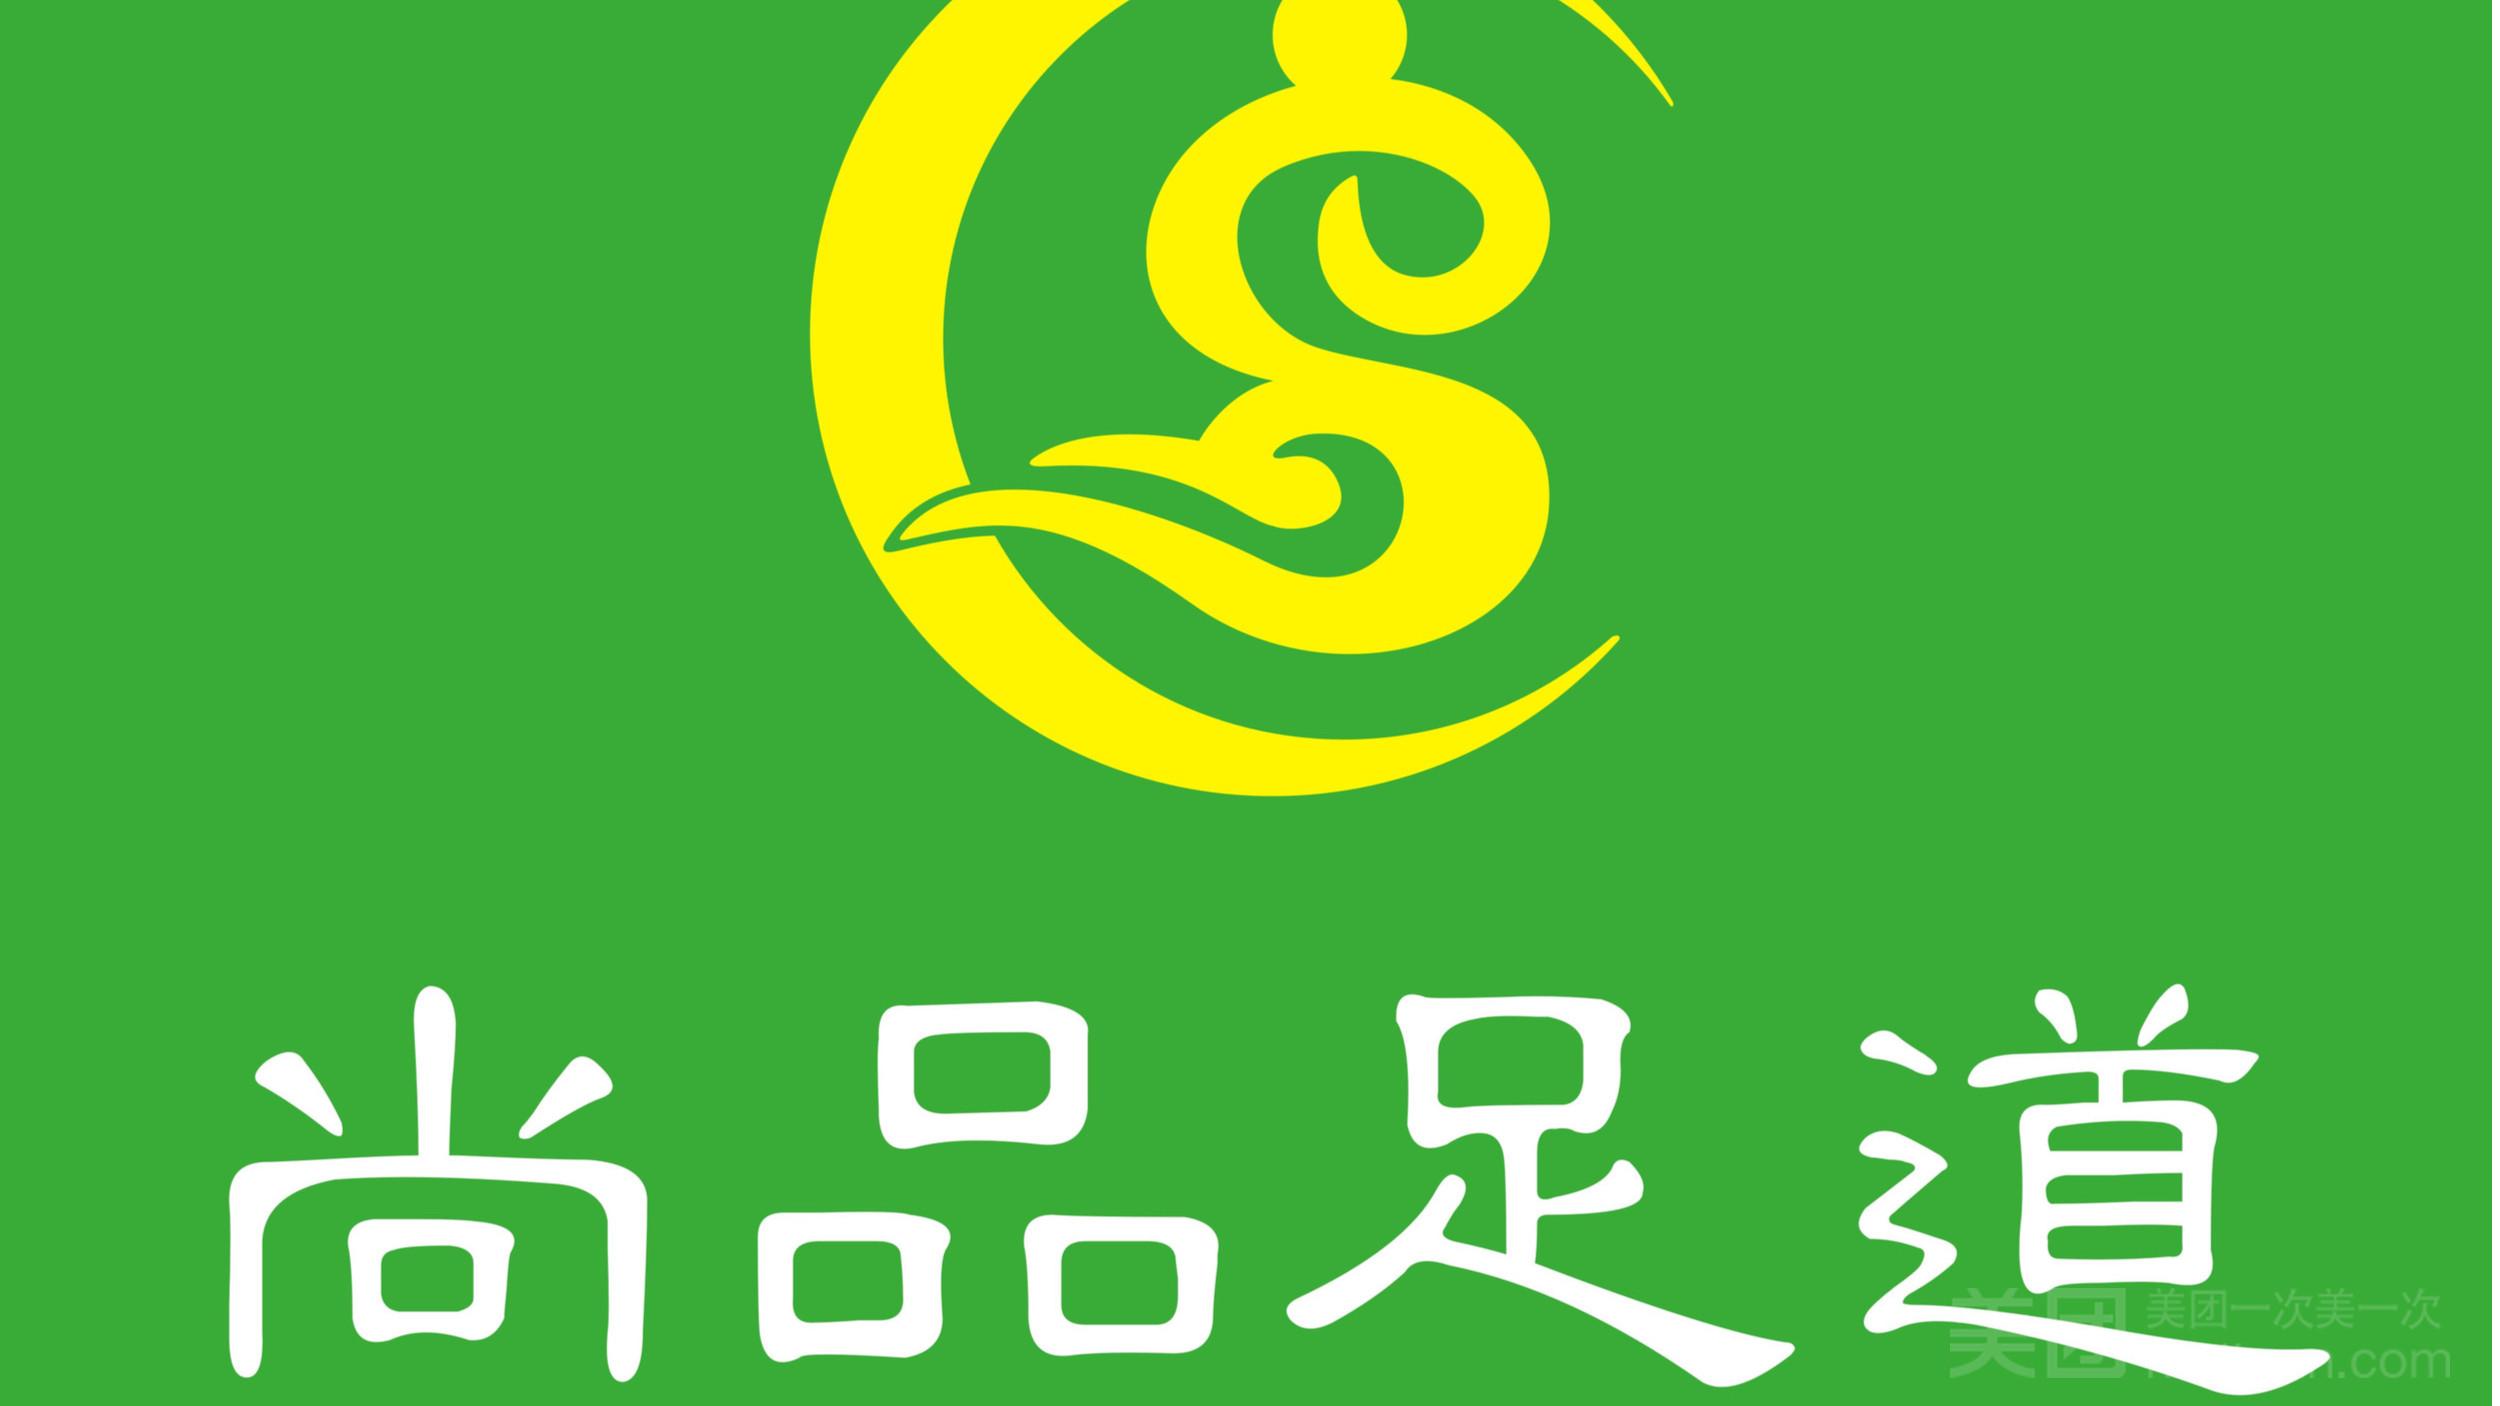 大邑县温泉路217号附233号(凯旋广场新视窗假日酒店旁3楼)